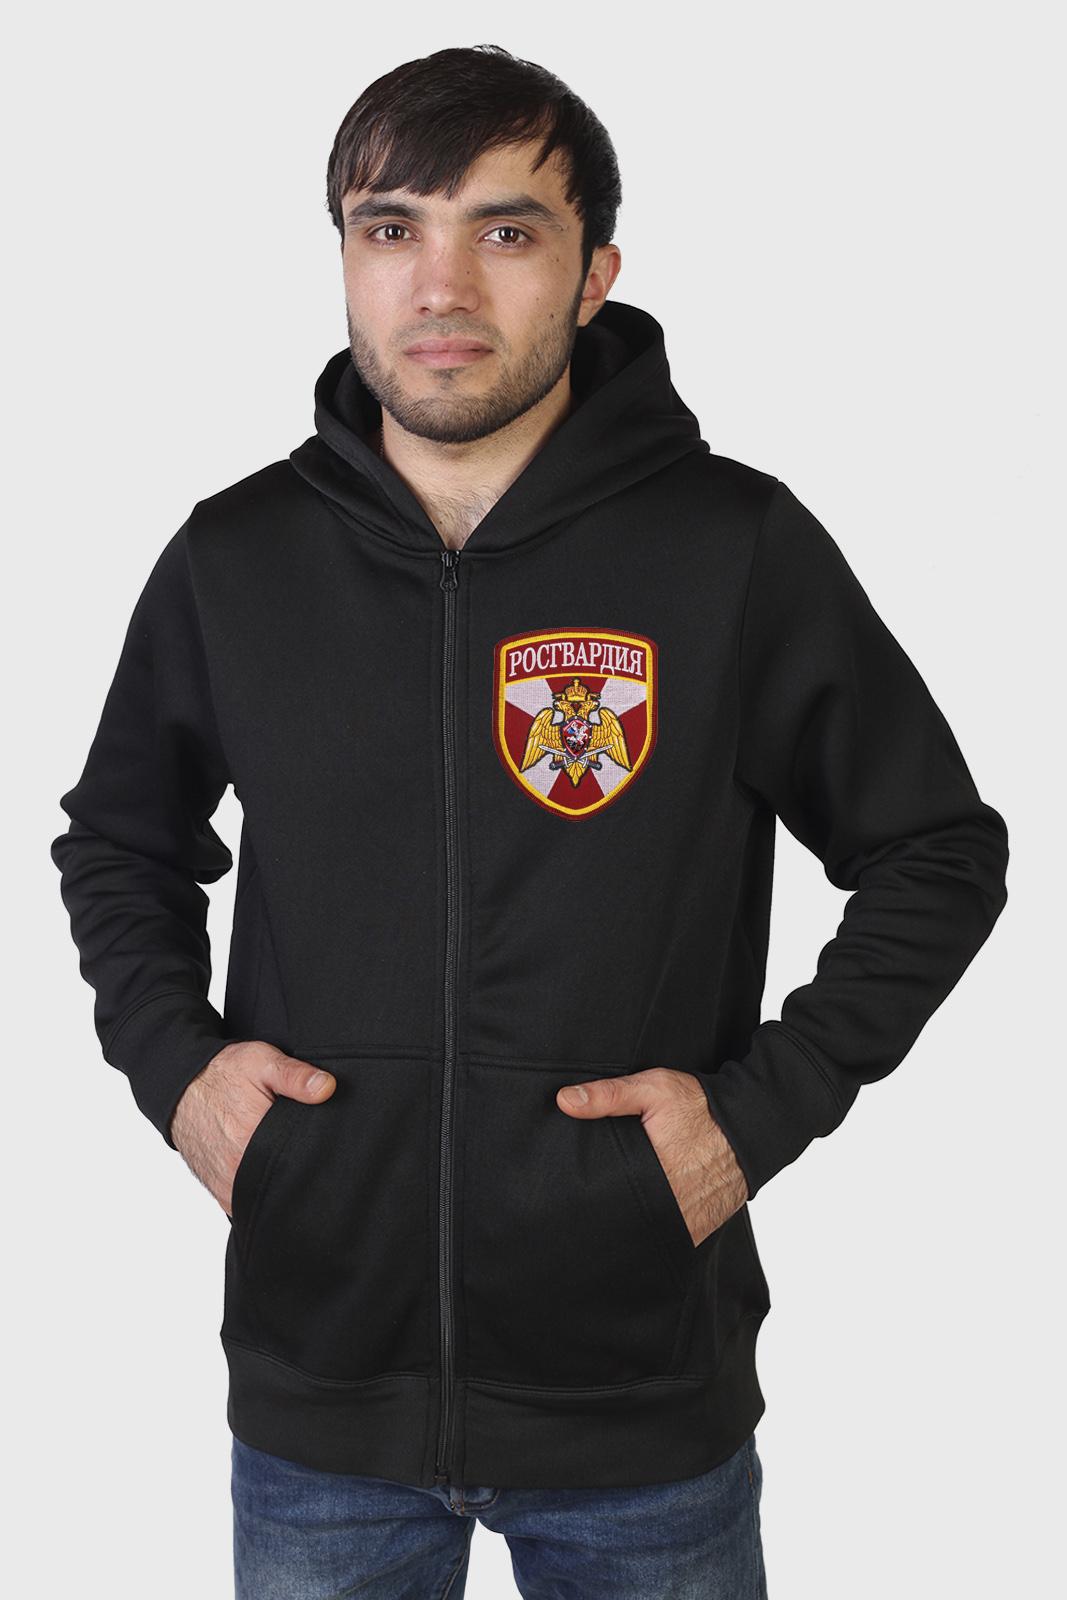 Купить в Москве мужскую толстовку Росгвардия